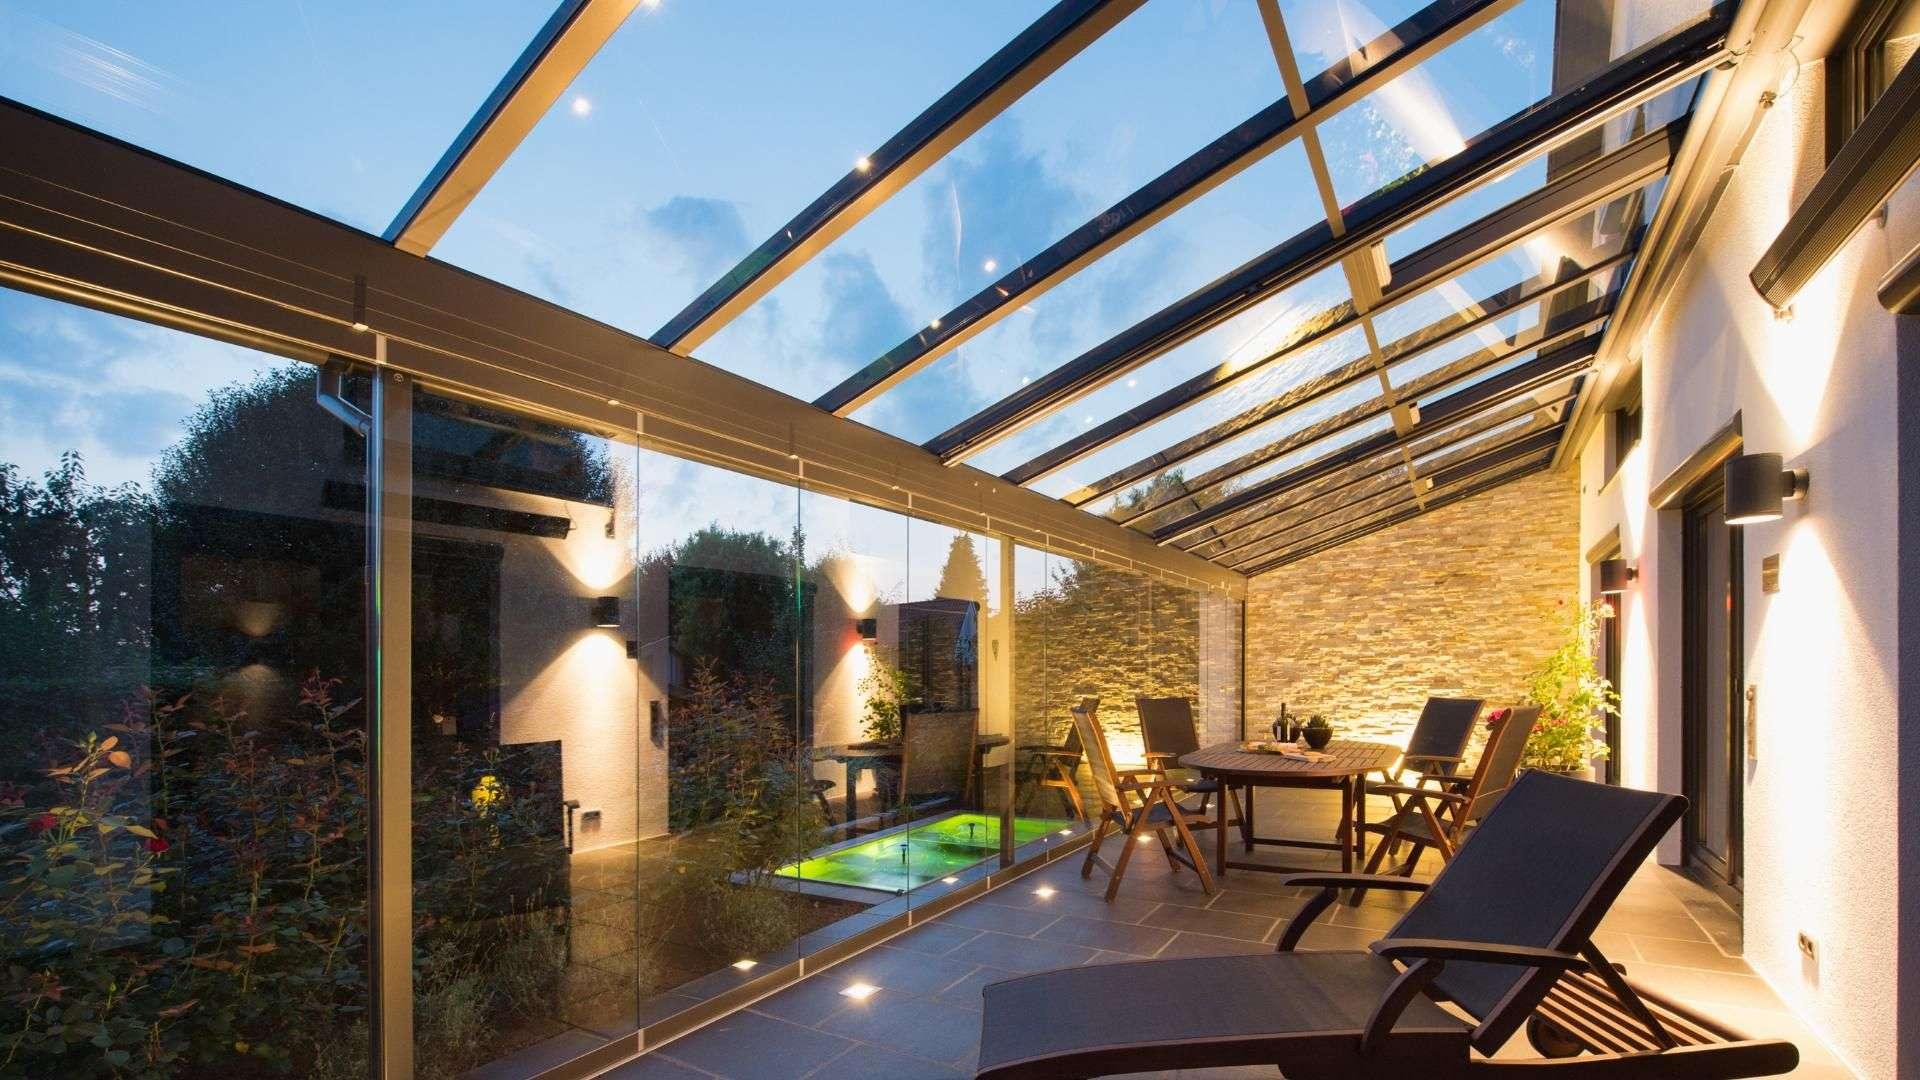 Innenansicht eines beleuchteten Glashauses mit Esstisch und Liegestuhl